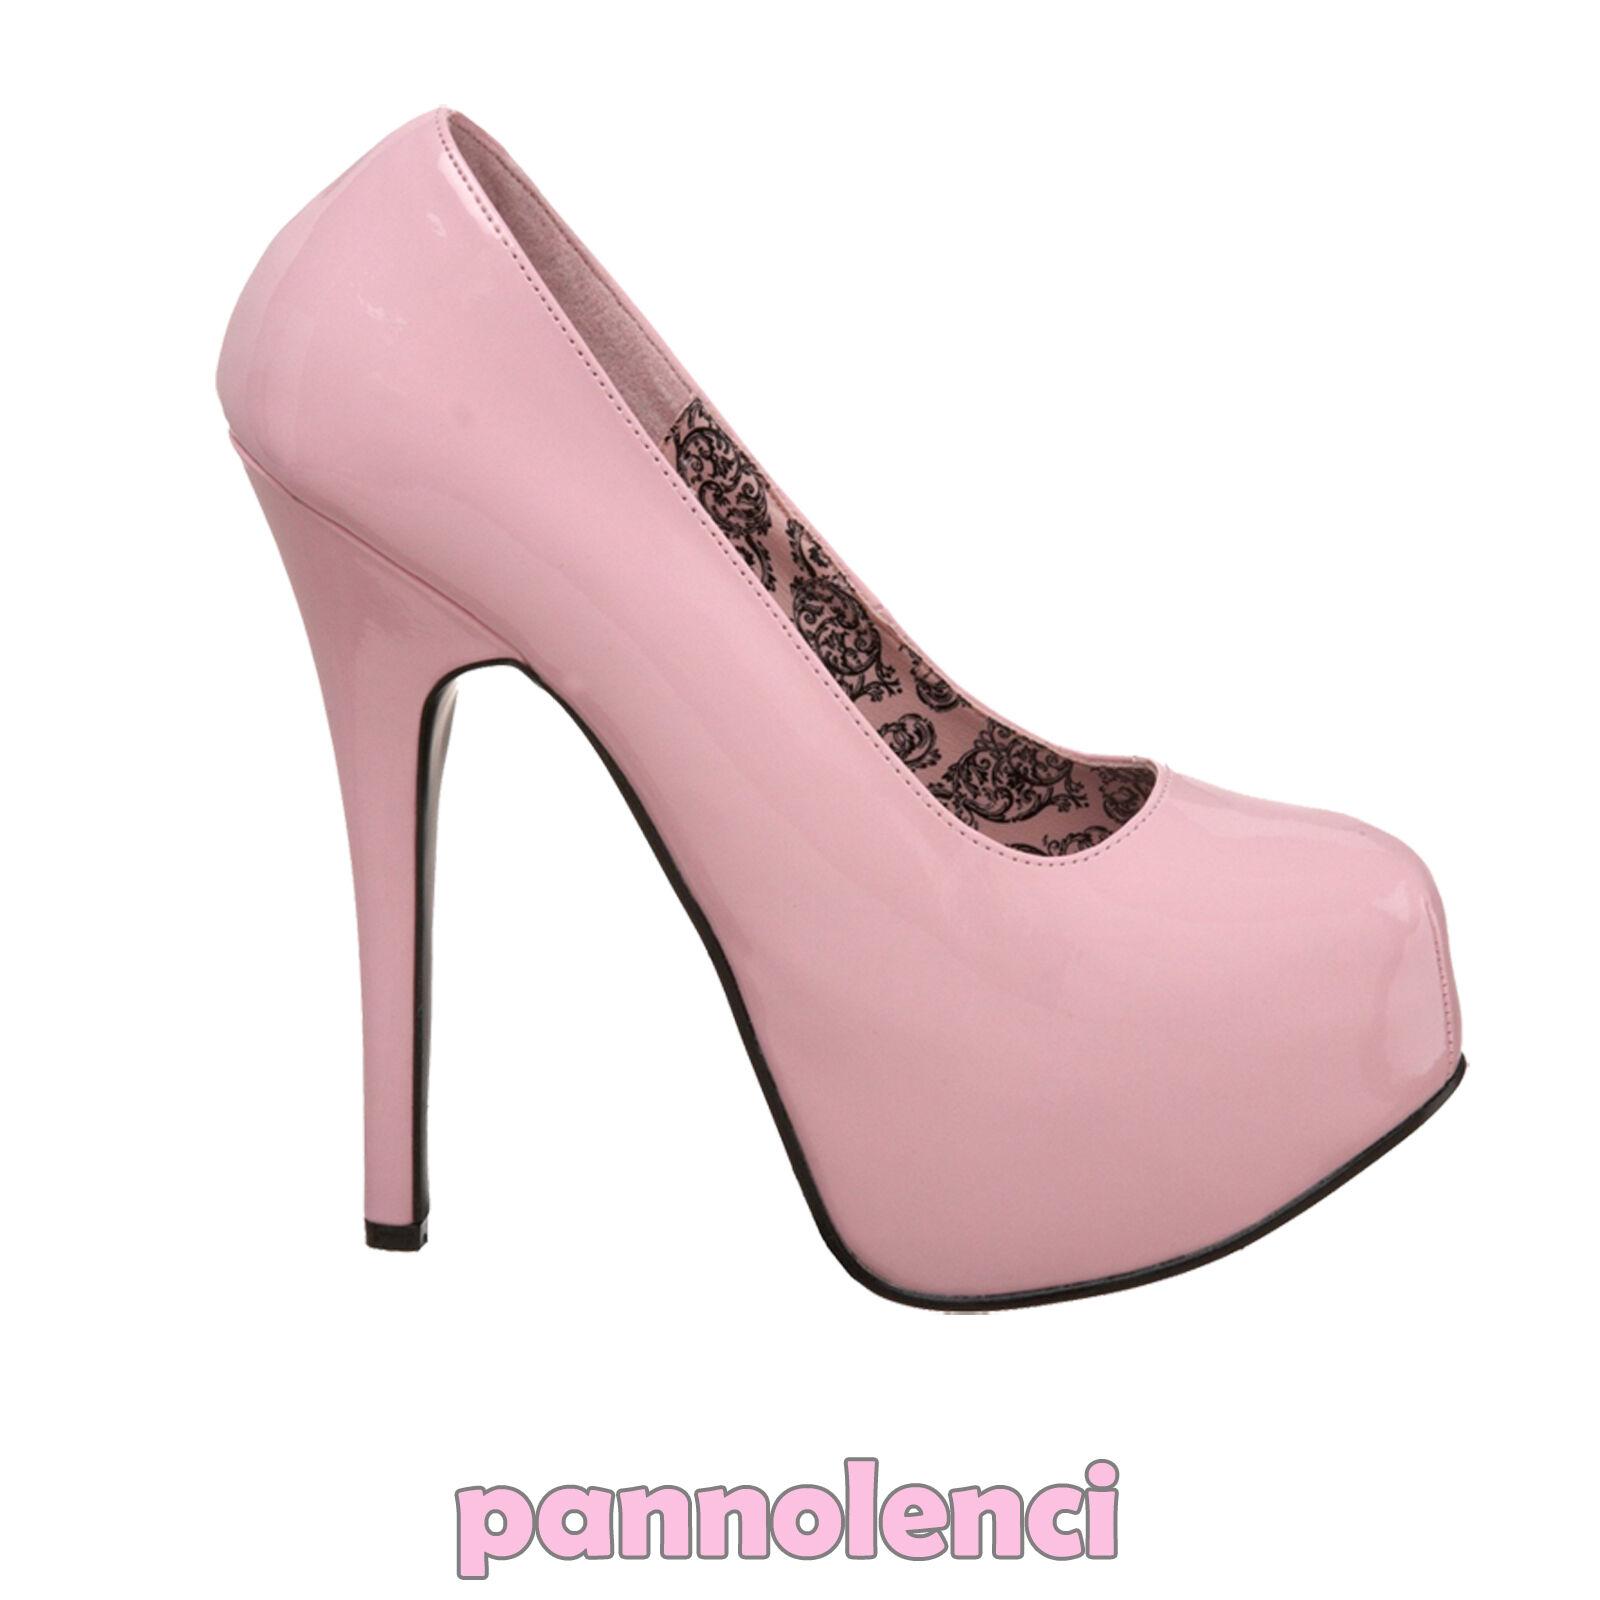 Descuento barato Zapatos de mujer zapatos de salón 39 ROSA tacón alto pumps Burlesque PLS-07